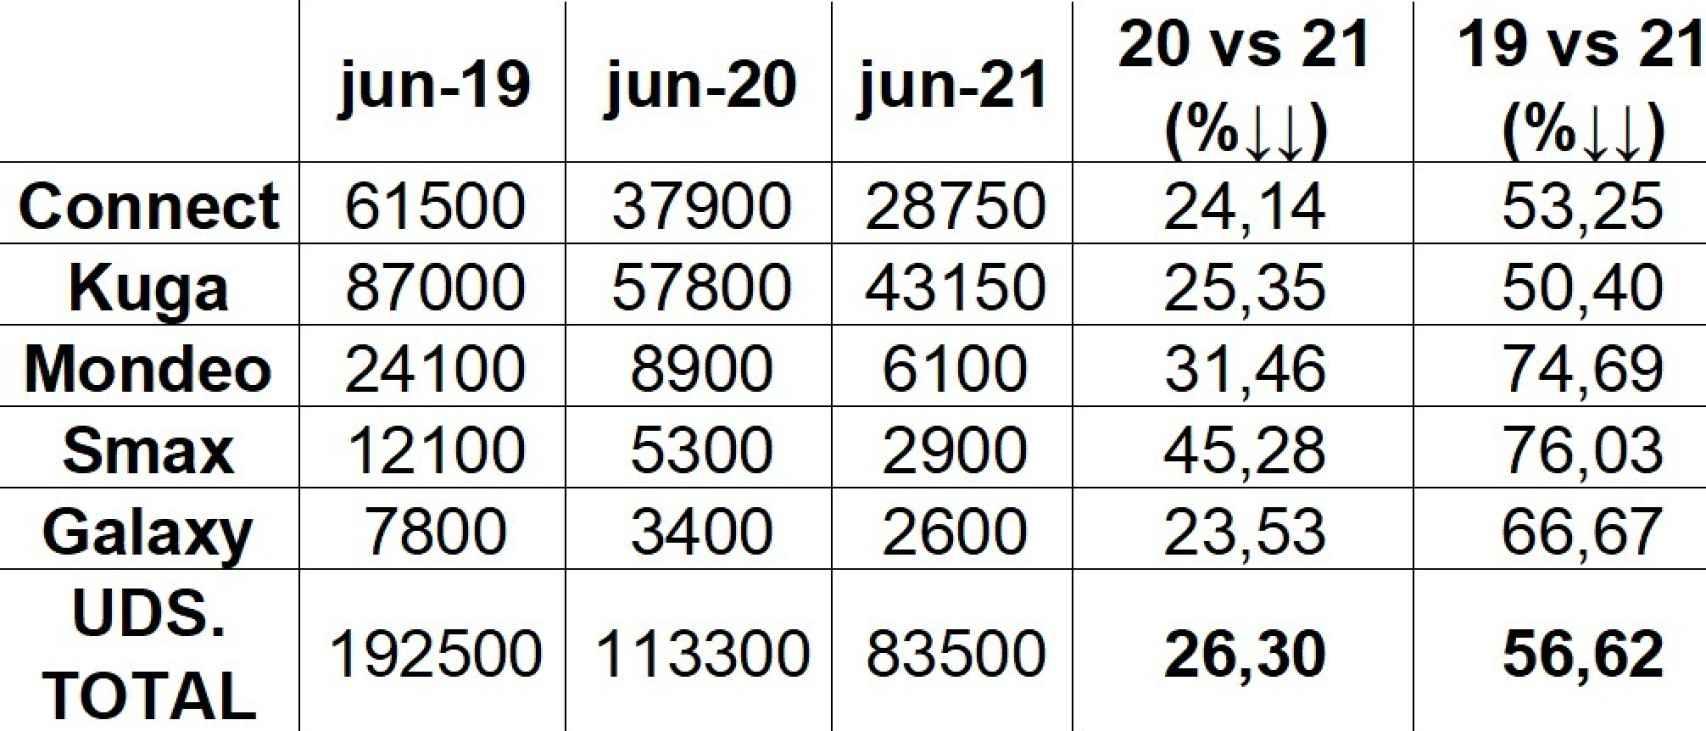 Producción de Ford Almussafes durante los primeros semestres de 2019, 2020 y 2021. UGT-Ford